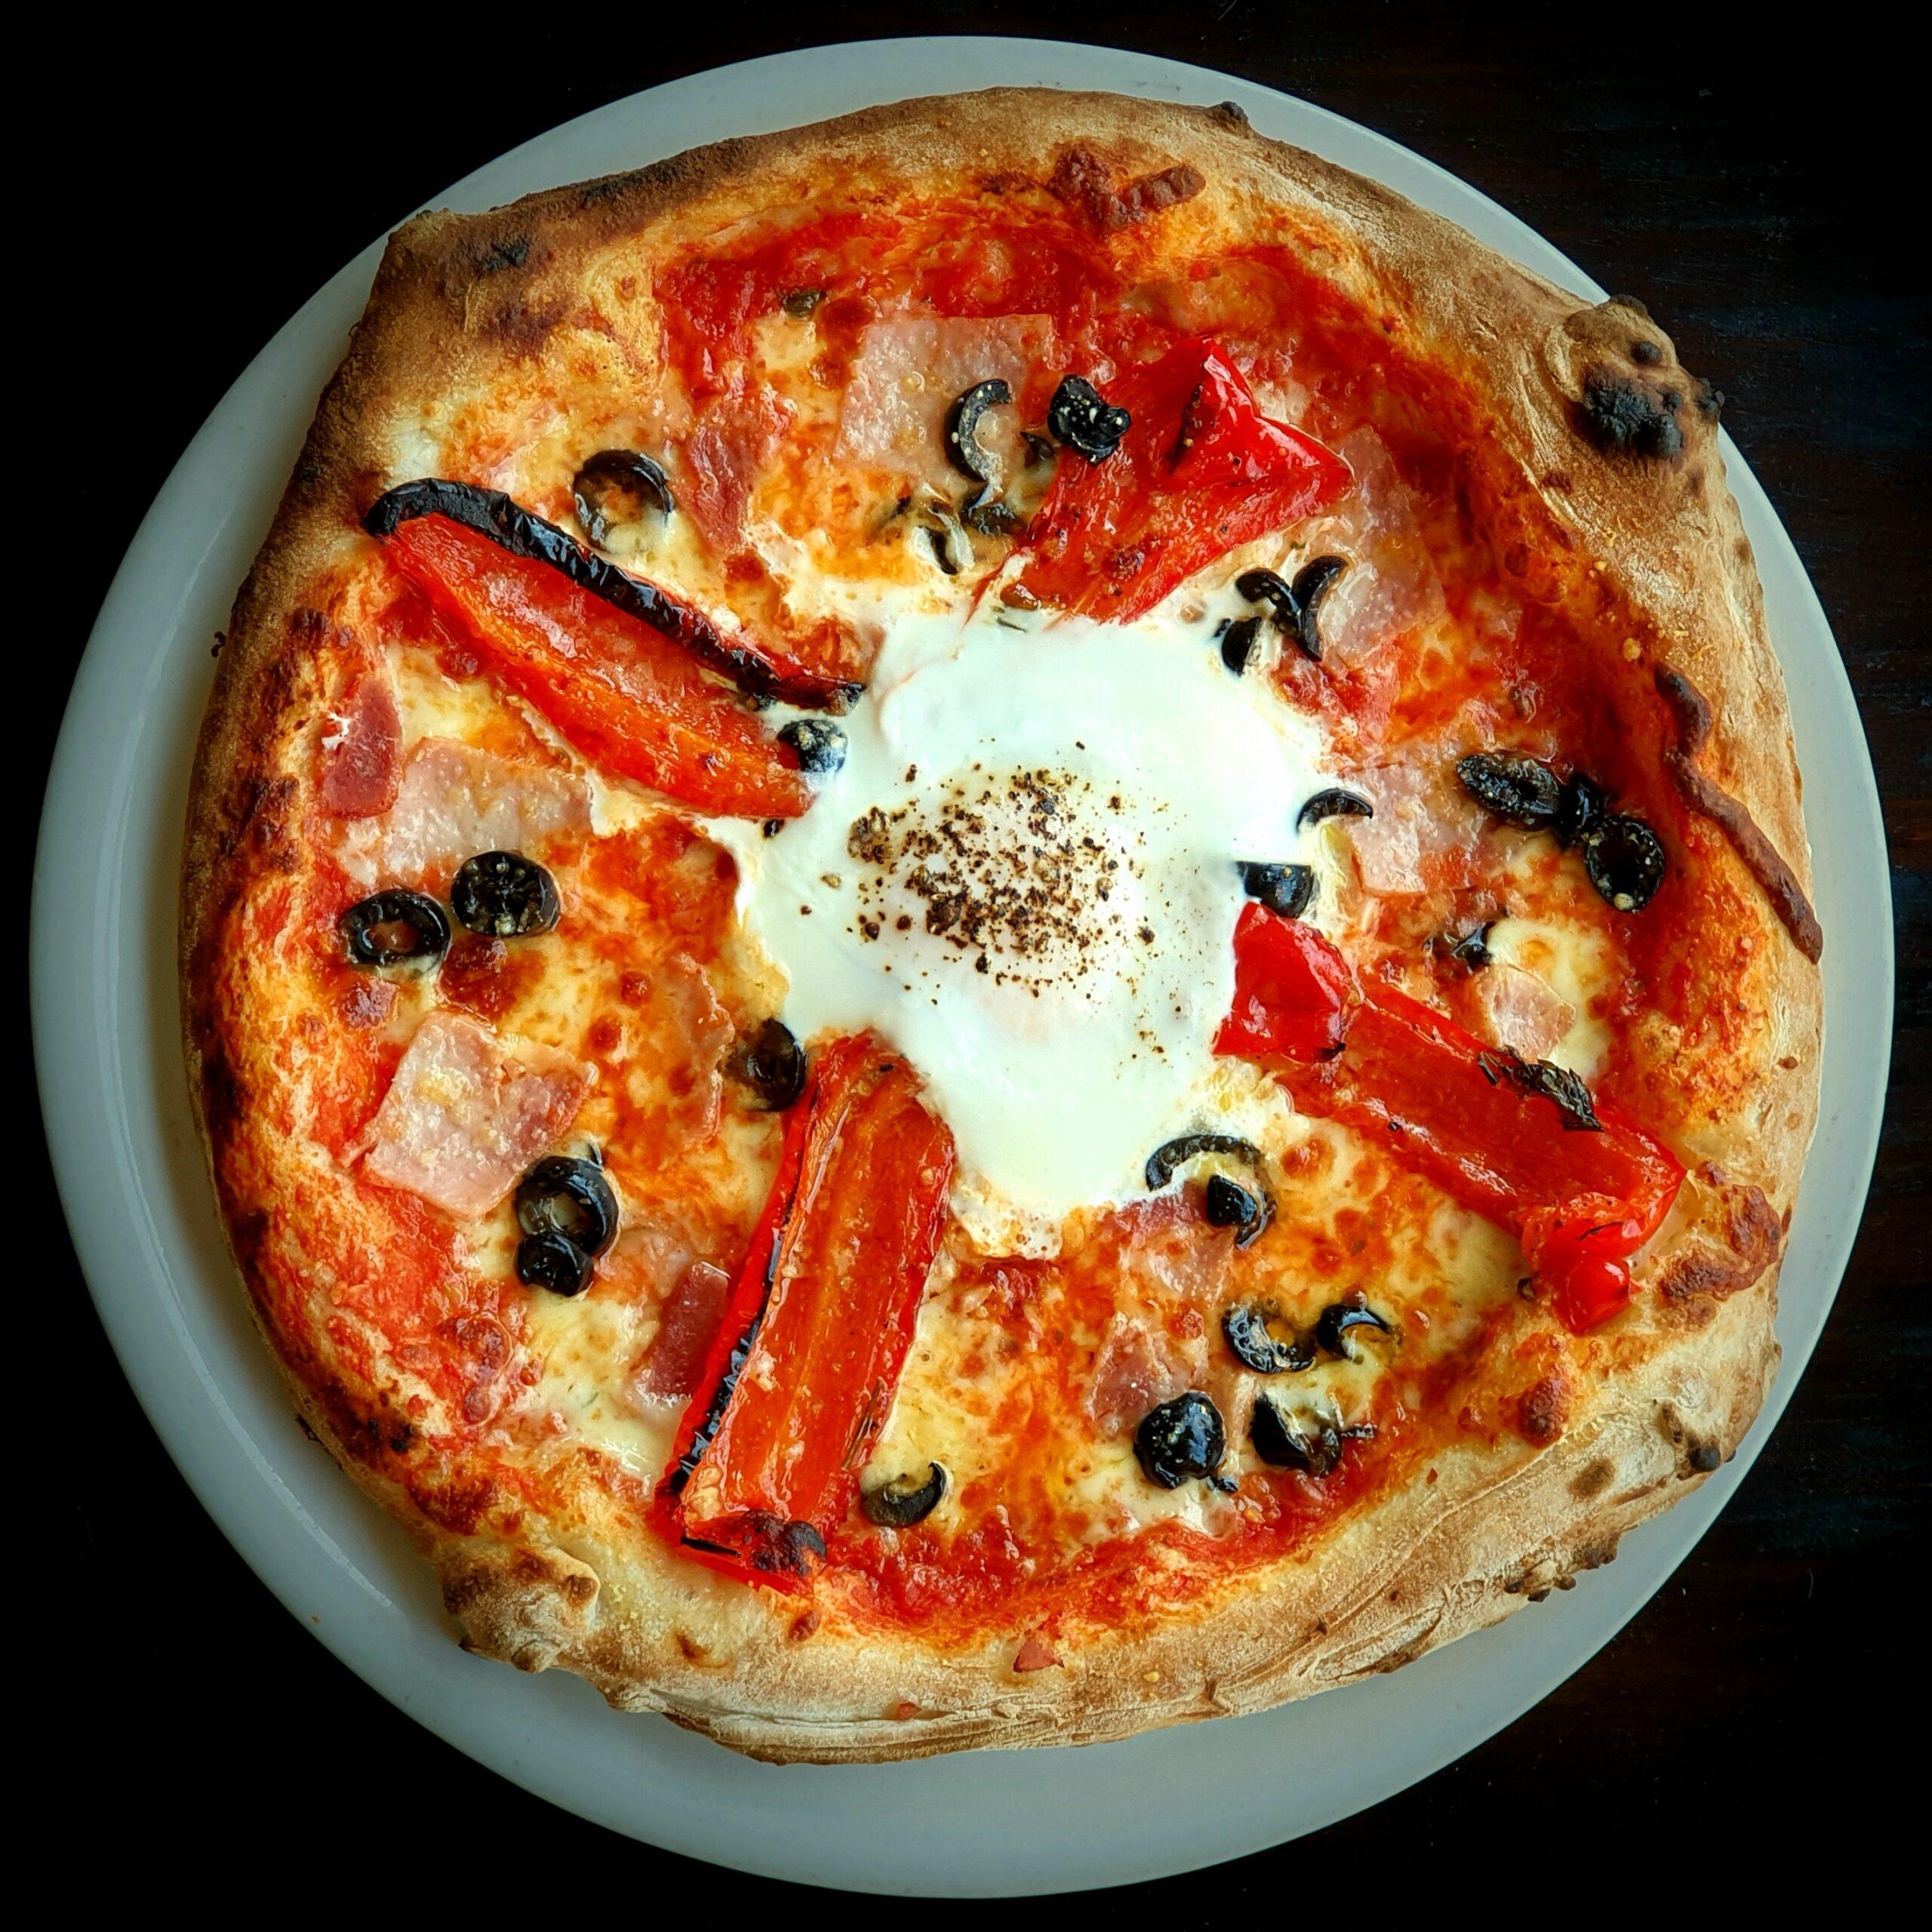 Pizzeria Villaggio Capricciosa Pizza